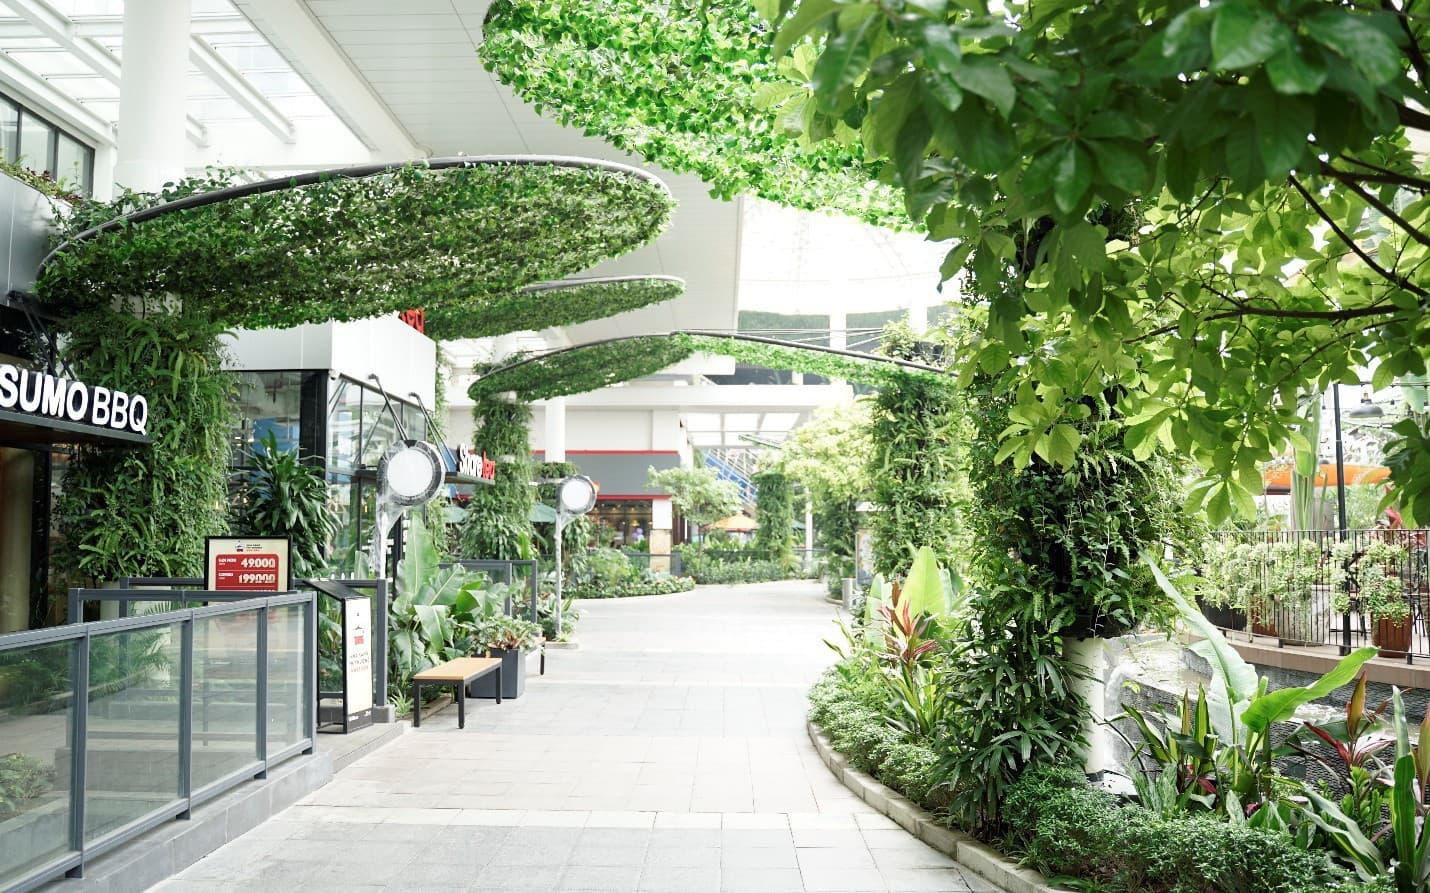 AEON MALL Long Biên - Hành trình Sống Xanh